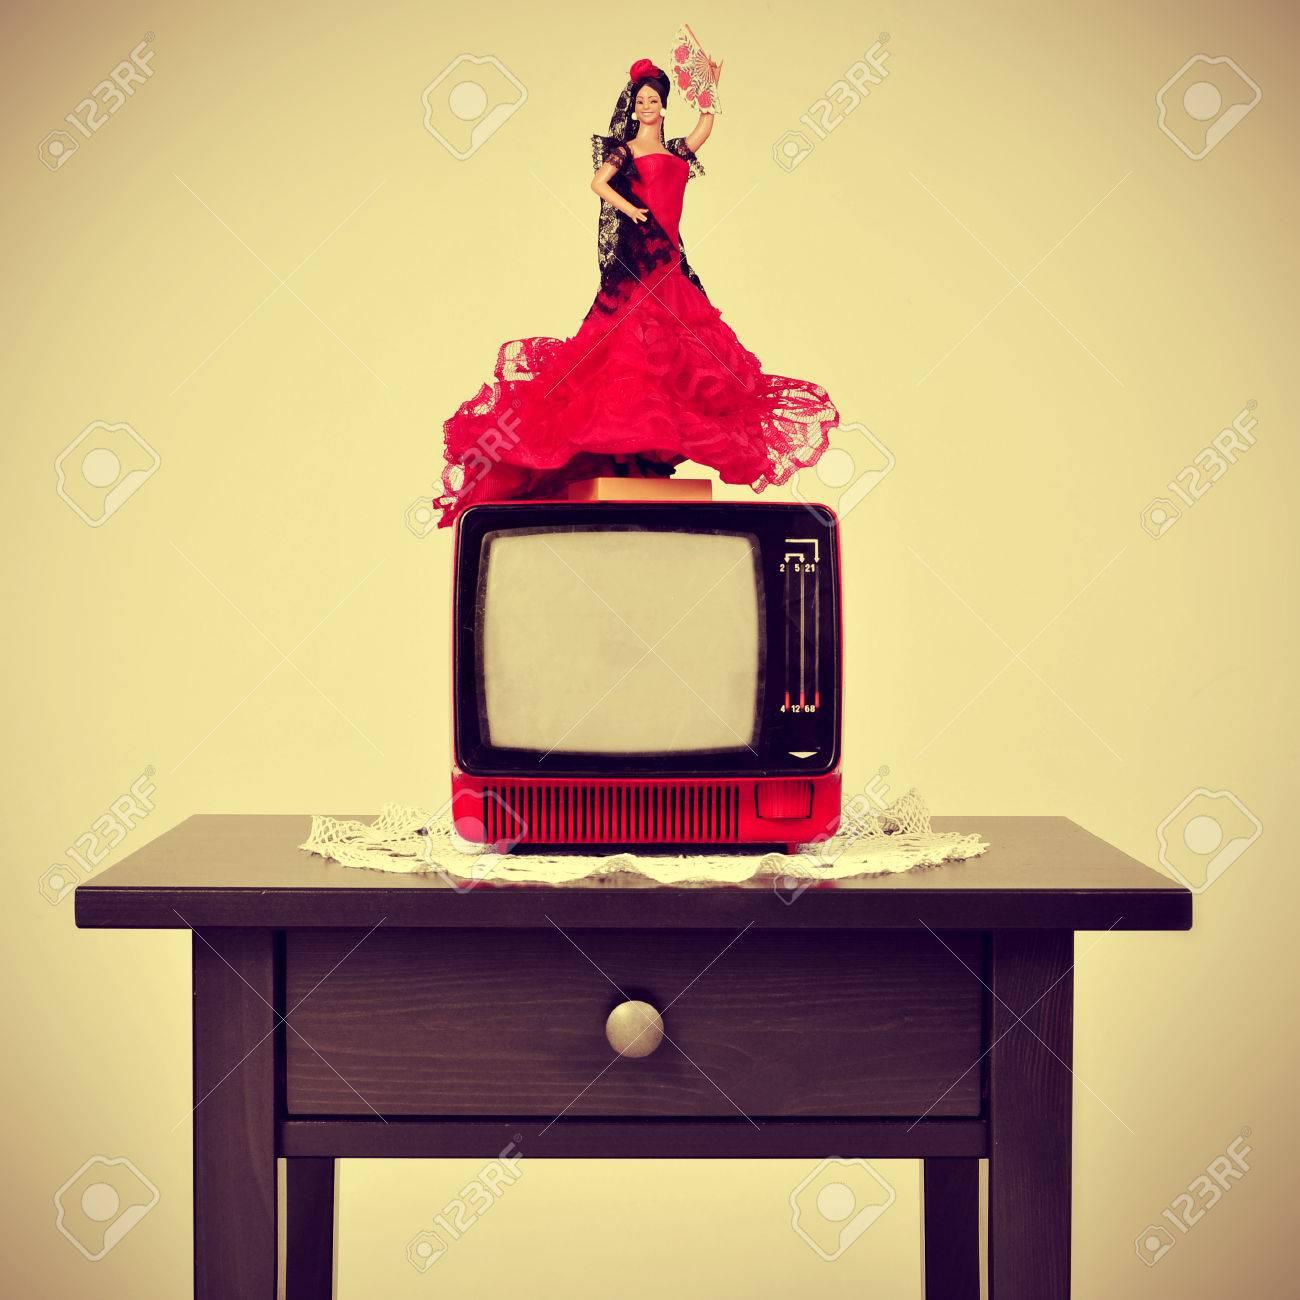 Un Vecchio Spagnolo Soggiorno, Con Una Bambola Flamenca In Cima Alla ...